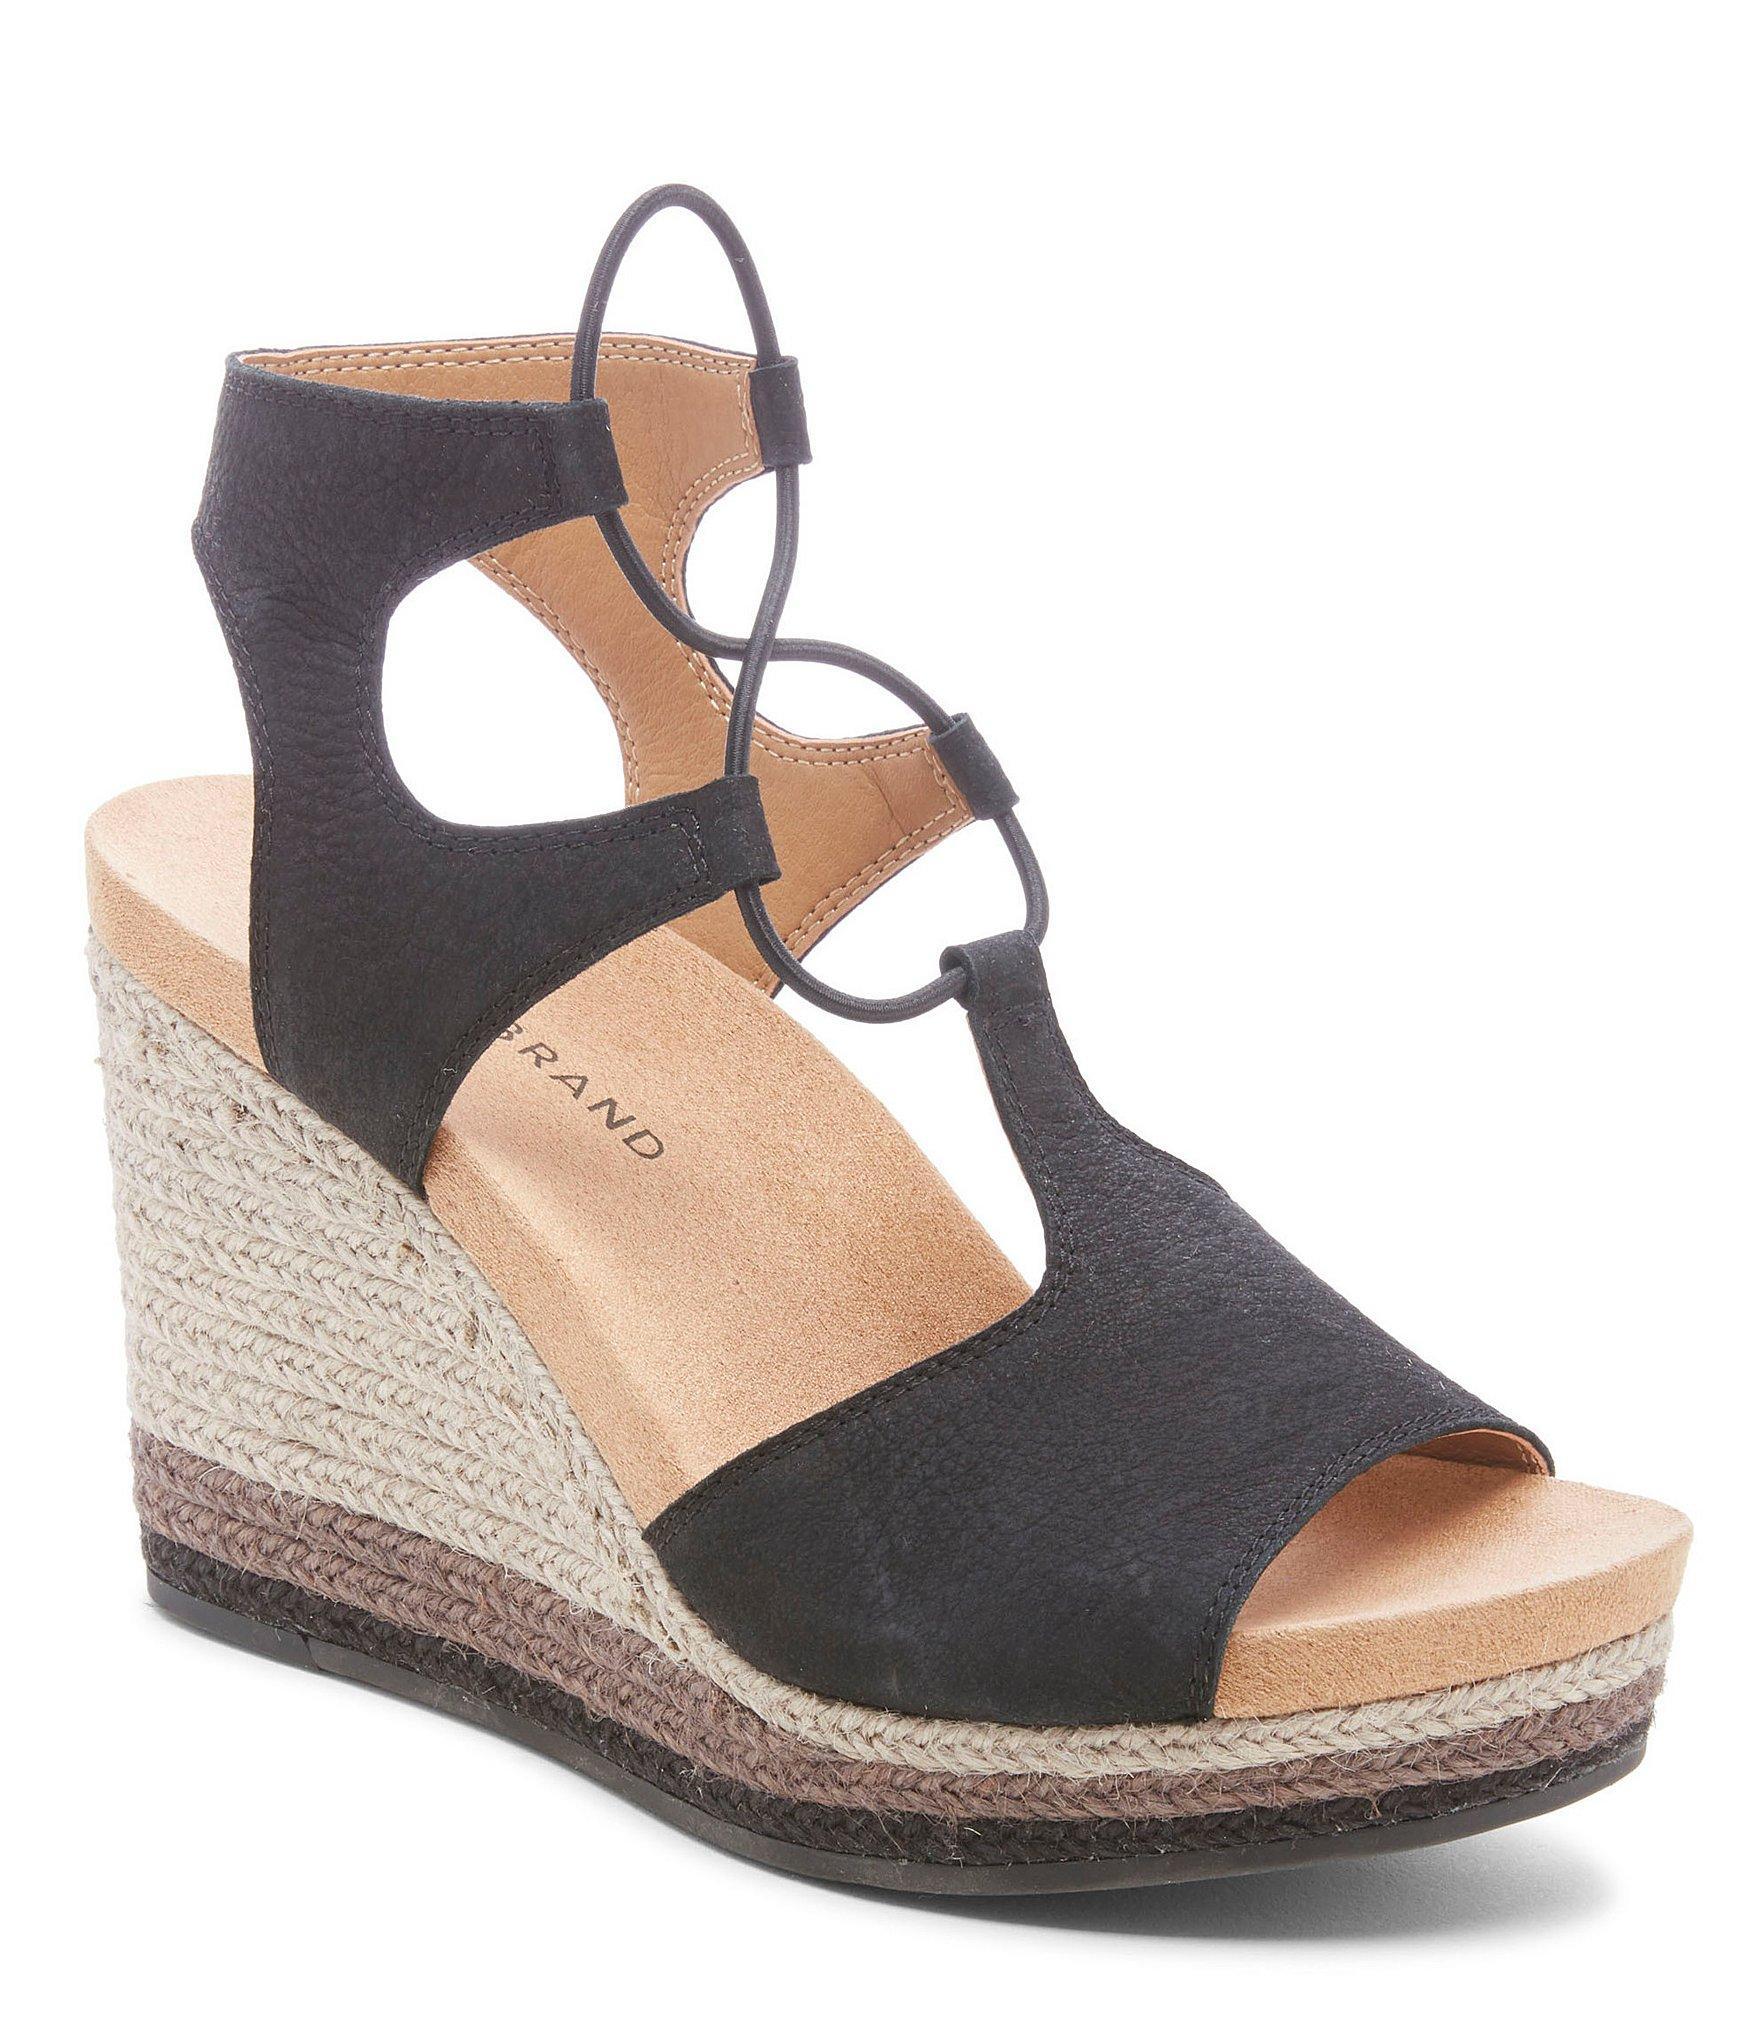 8a43e9aa884 Women's Black Yejida2 Platform Wedge Sandals